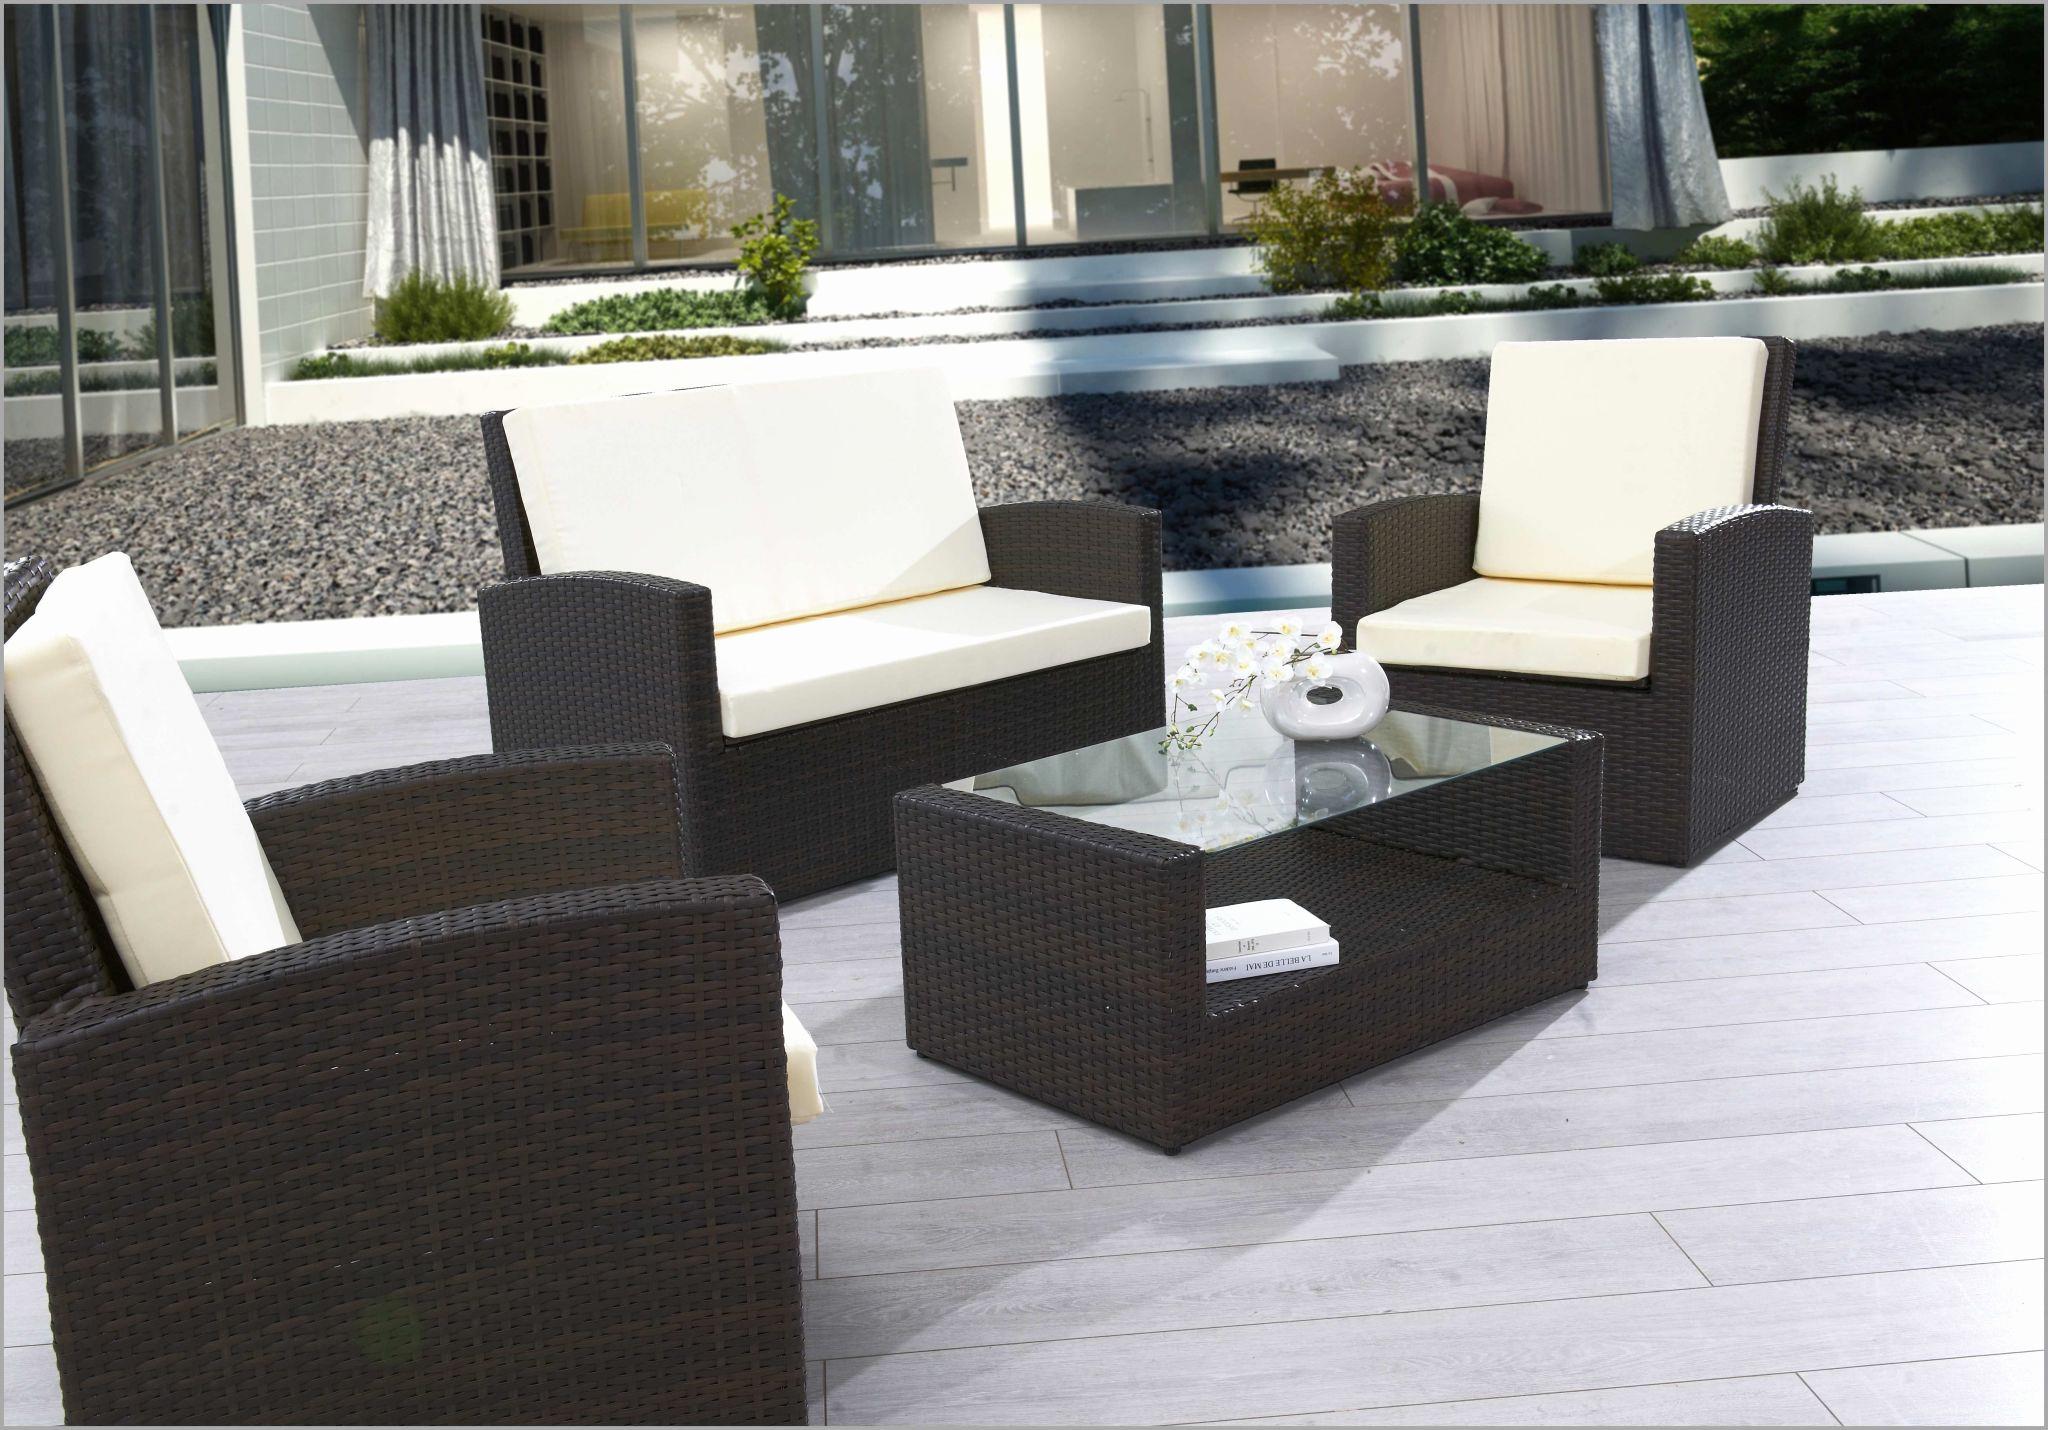 salon de jardin contemporain design beau salon de jardin contemporain design avec chaise vintage tissu of salon de jardin contemporain design